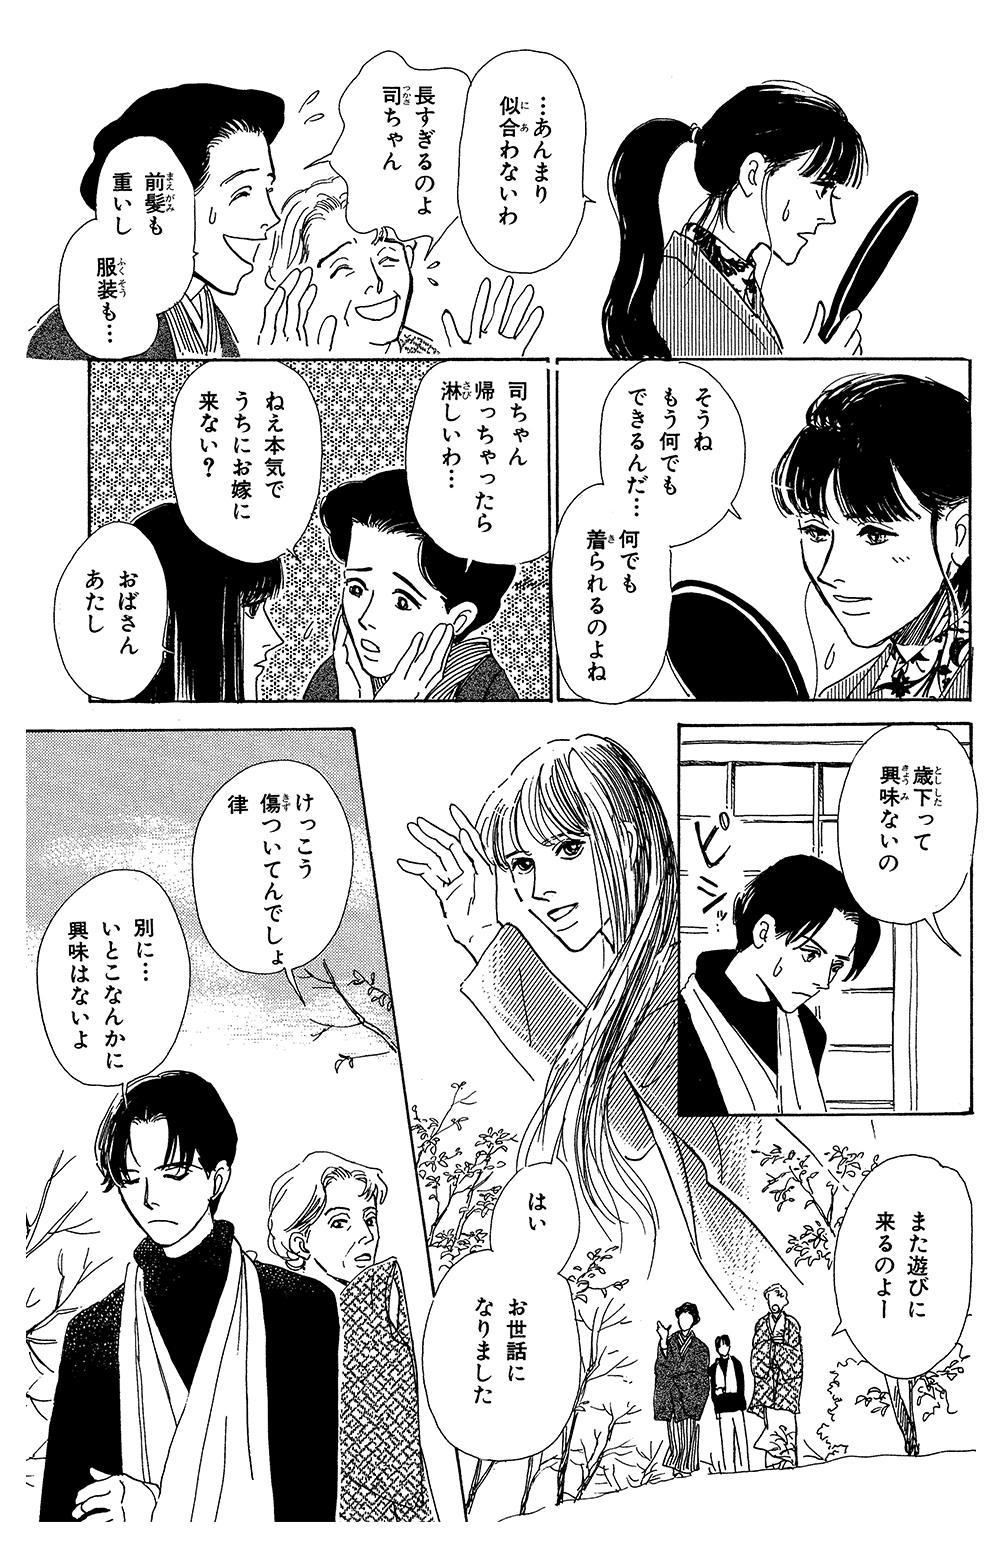 百鬼夜行抄 第1話「闇からの呼び声」⑤hyakki1-5-14.jpg